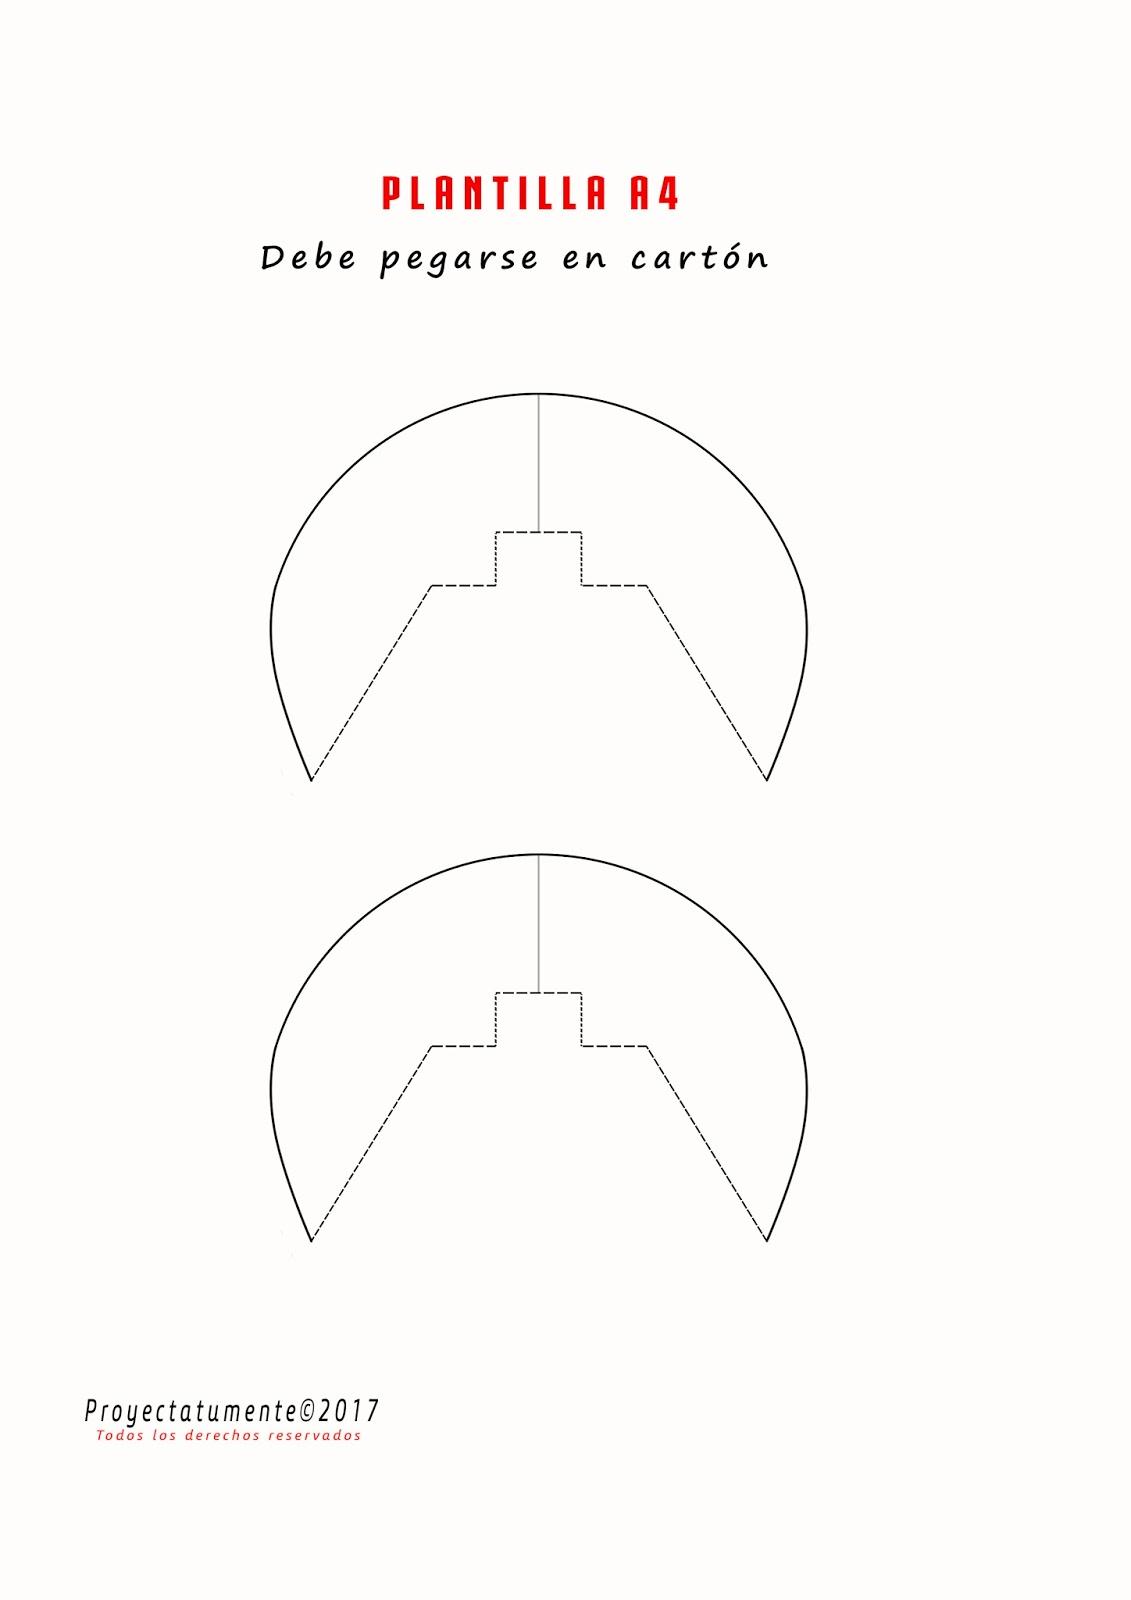 Lanza-misiles-de-iron-man-casero